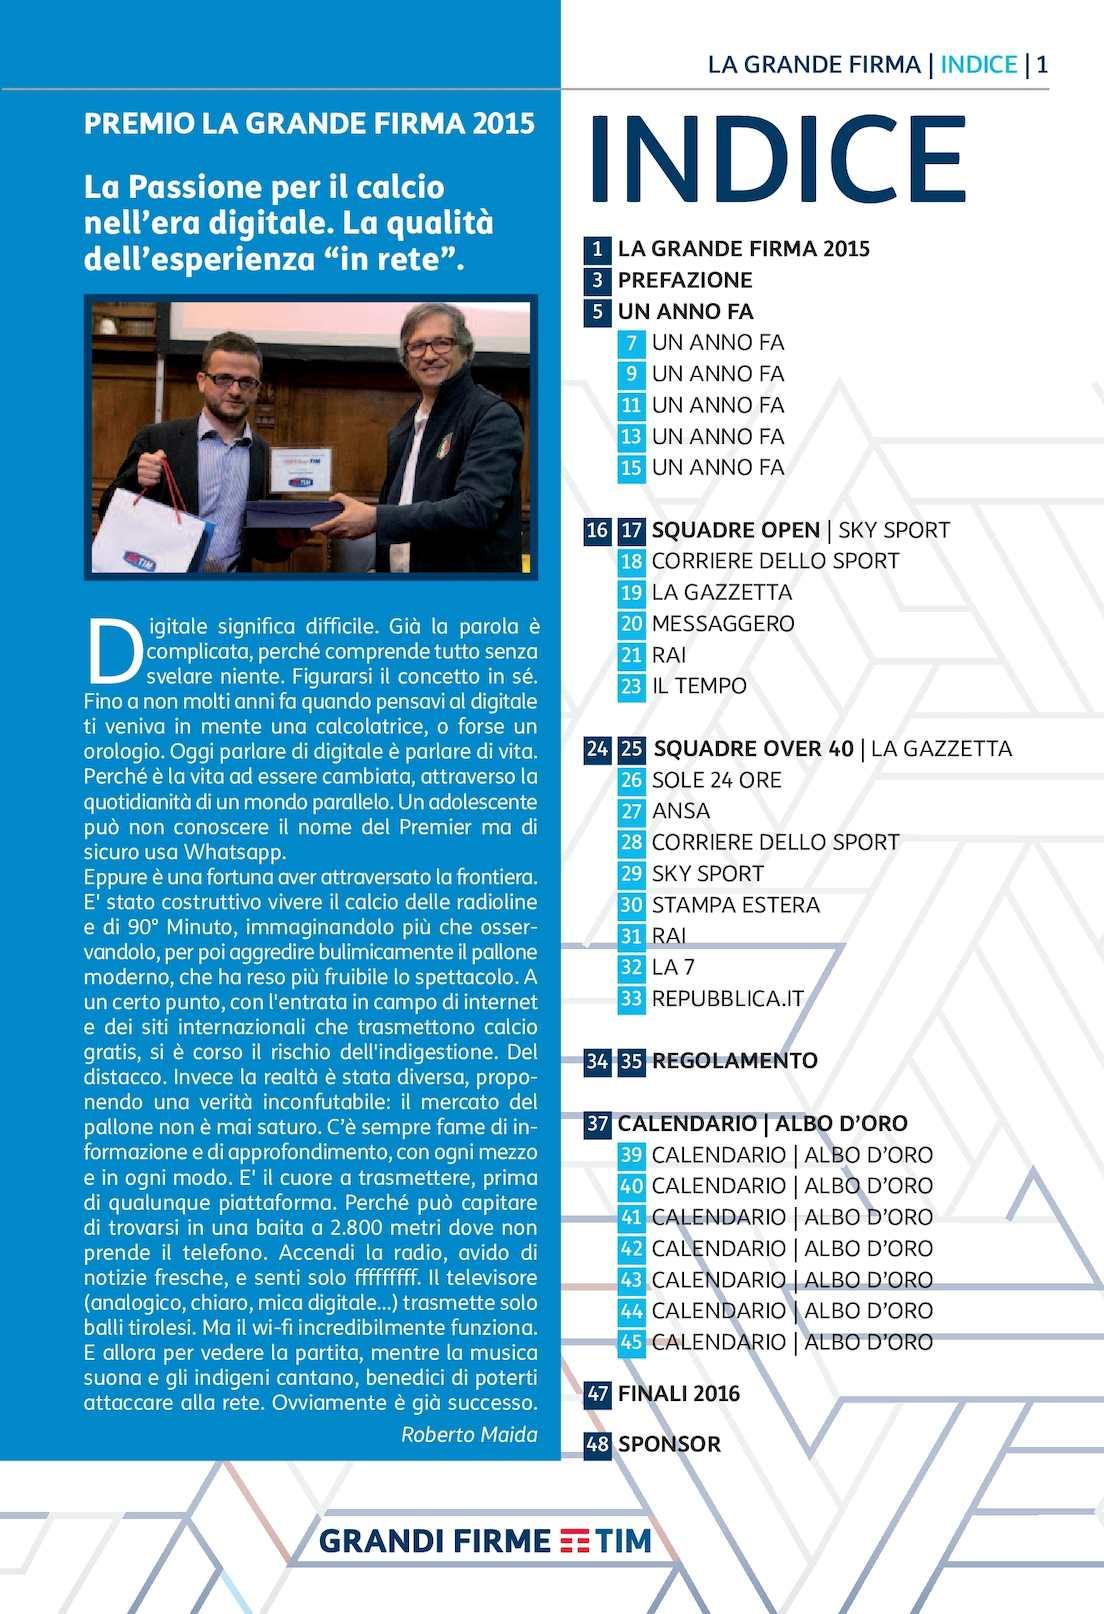 Corriere Dello Sport Calendario.Calameo Interno Grandi Firme 2016 Ok Layout 1